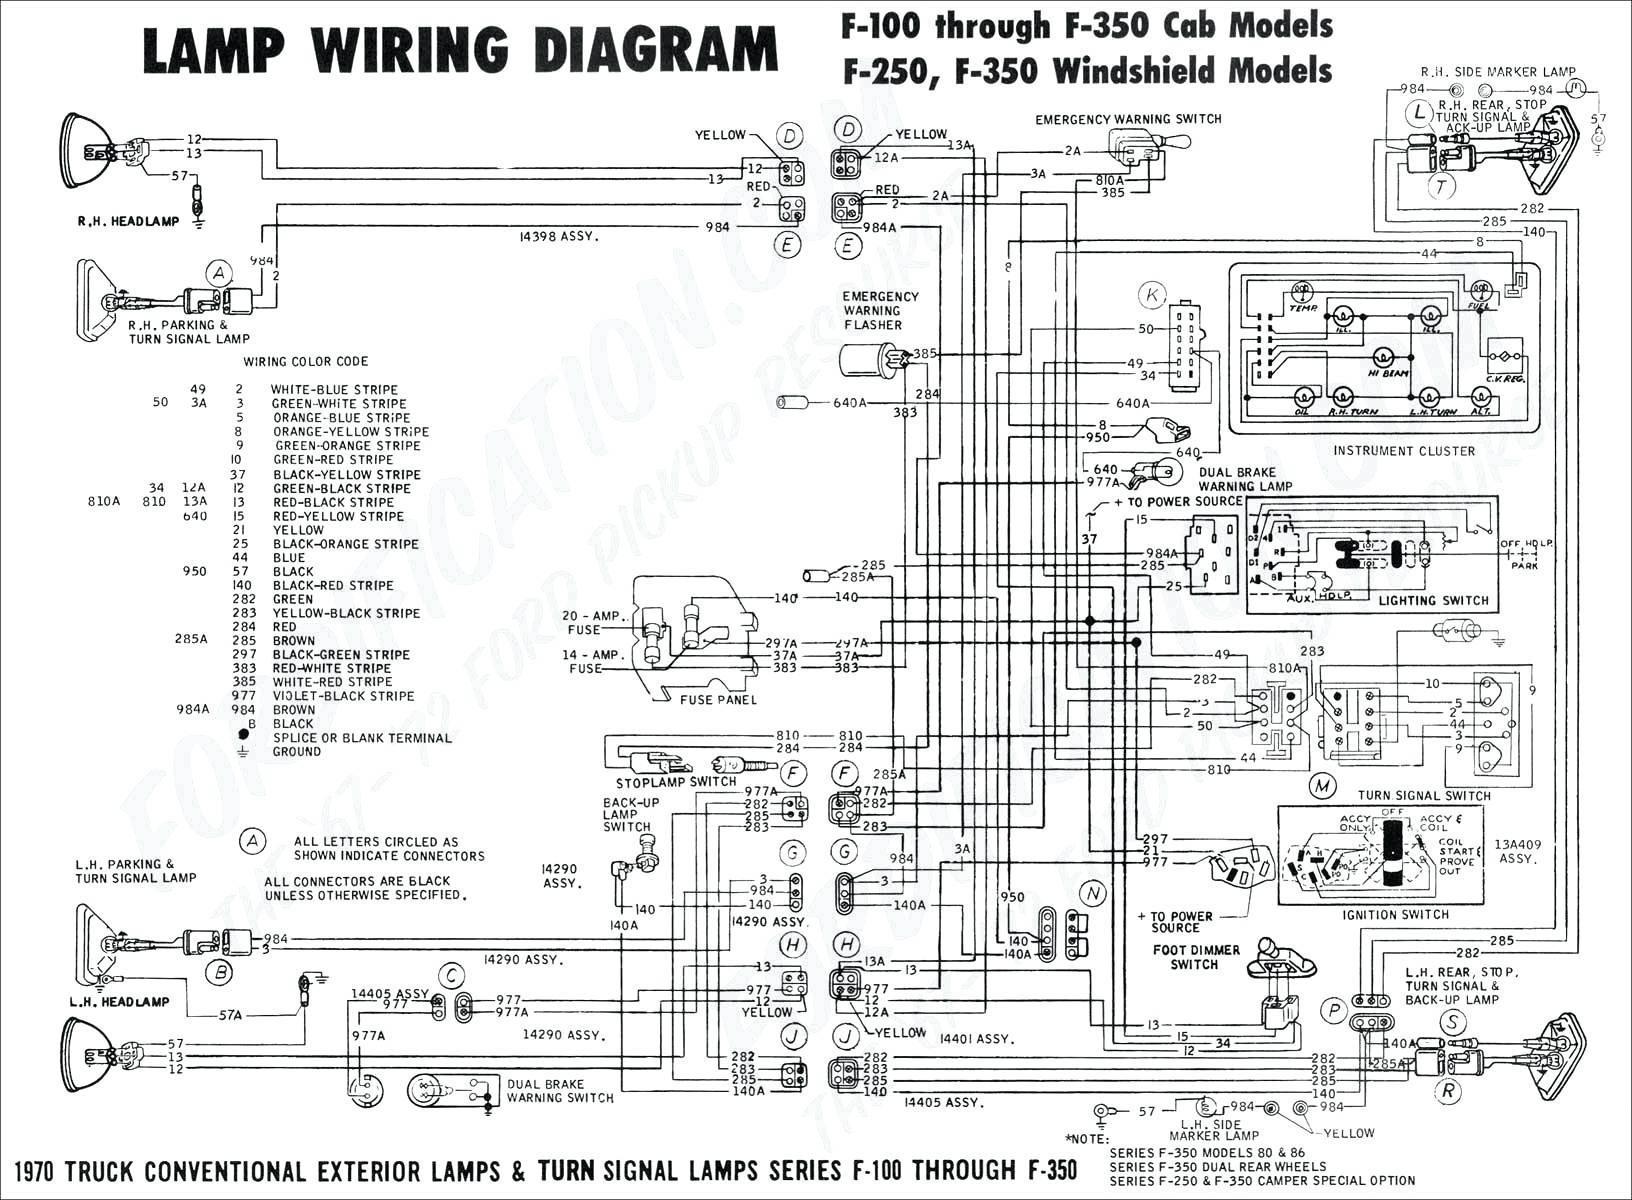 7 Pin Wiring Diagram 7 Pin Round Wiring Diagram Australia New Australian 7 Pin Wiring Of 7 Pin Wiring Diagram